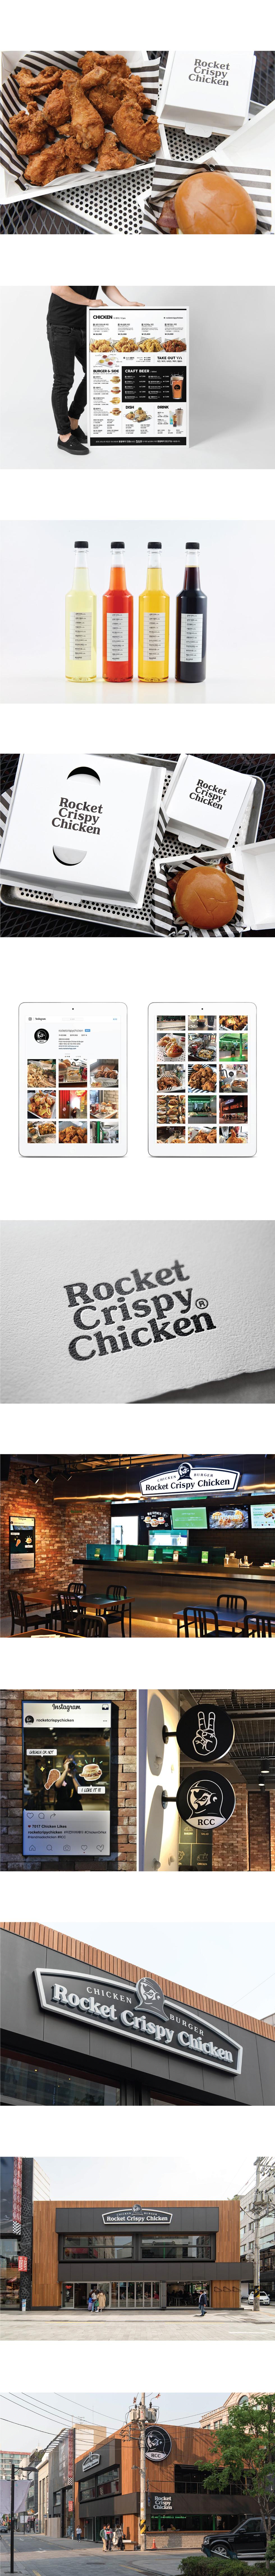 ROCKET CRISPY CHICKEN